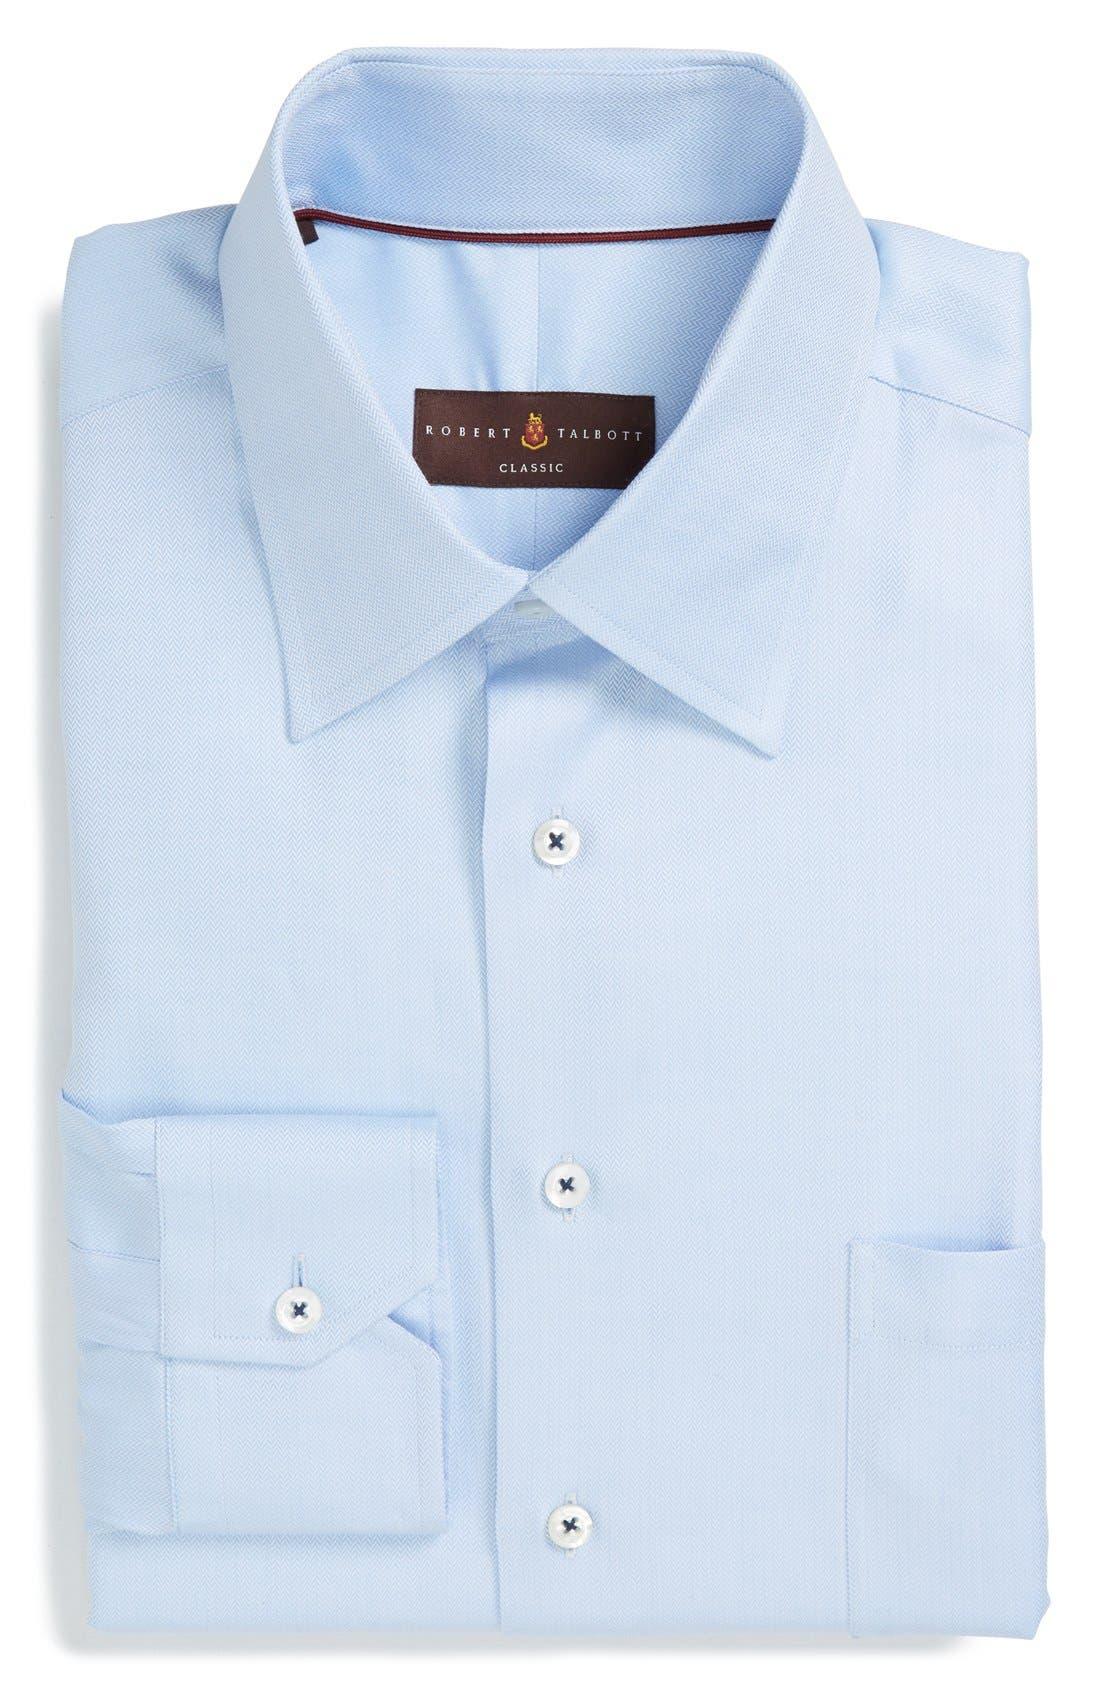 Classic Fit Dress Shirt,                         Main,                         color, Light Blue